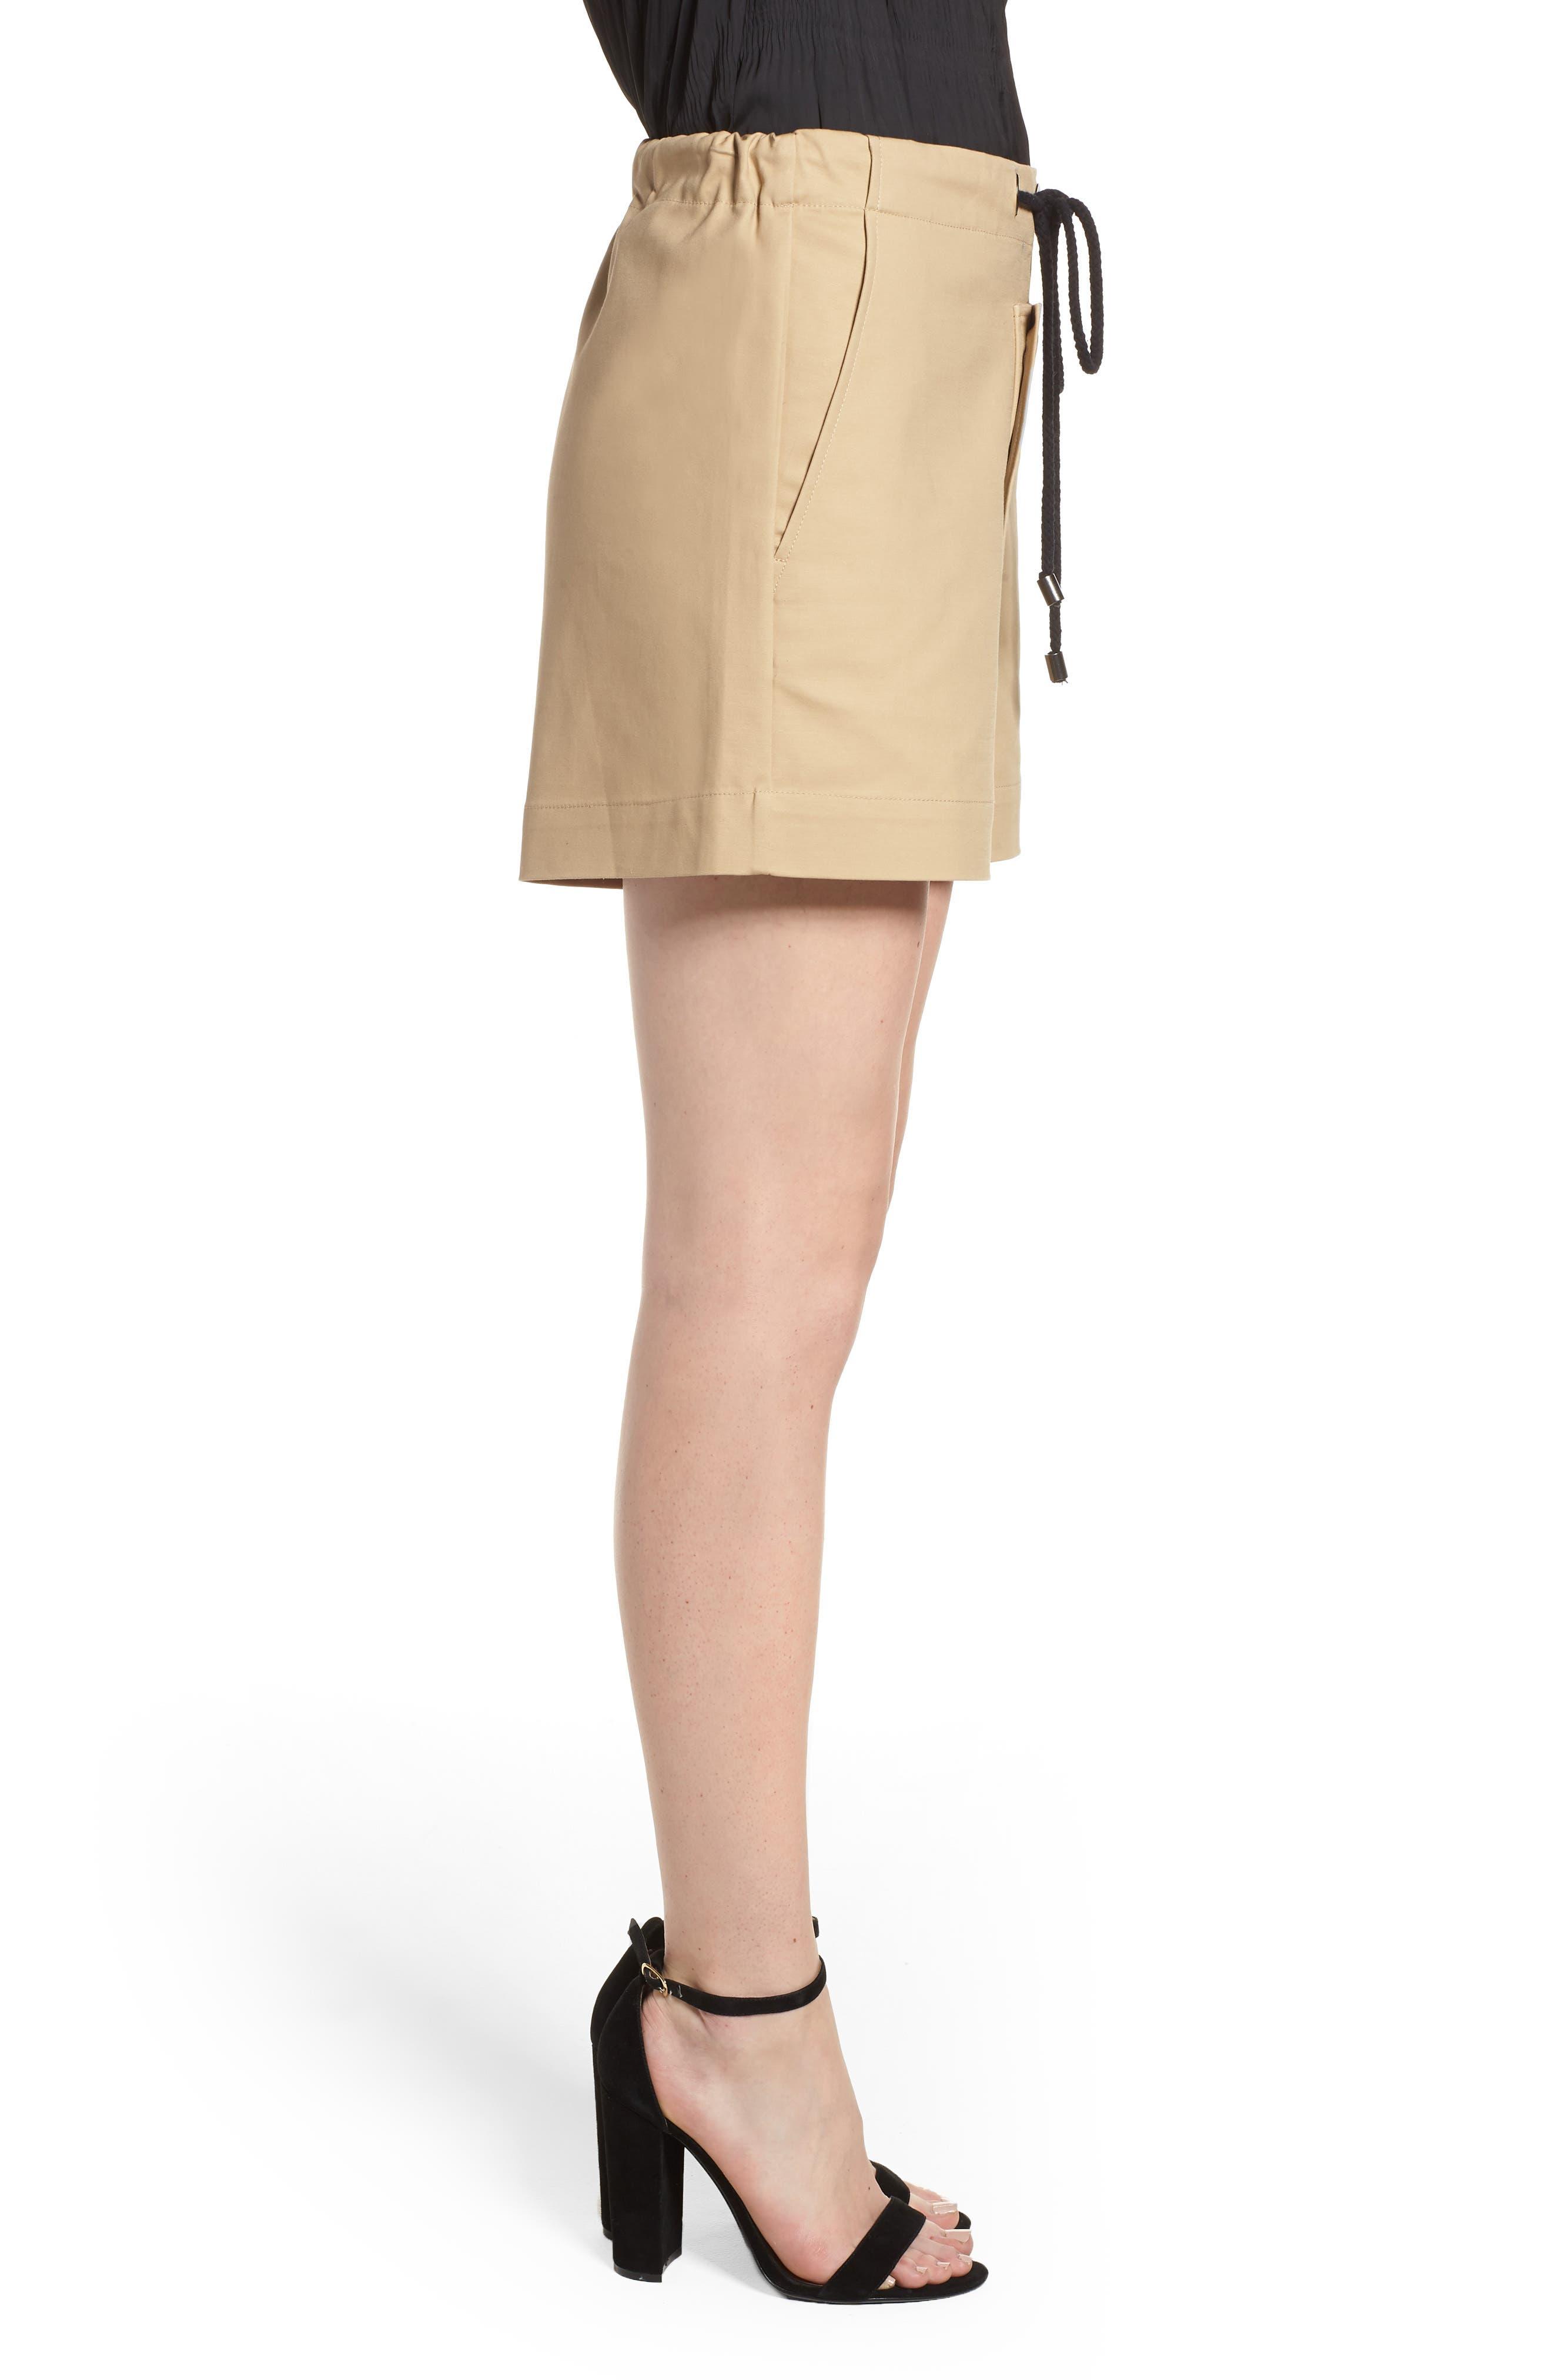 Park South Shorts,                             Alternate thumbnail 3, color,                             Beige